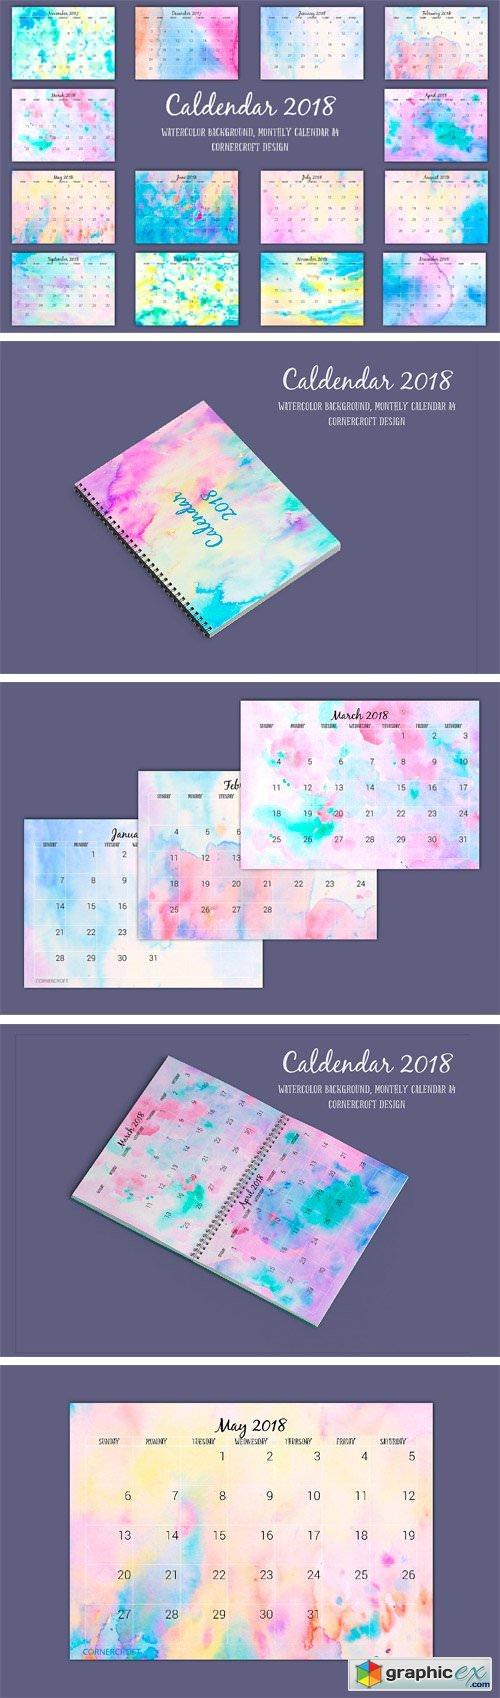 2018 Calendar Monthly Watercolor